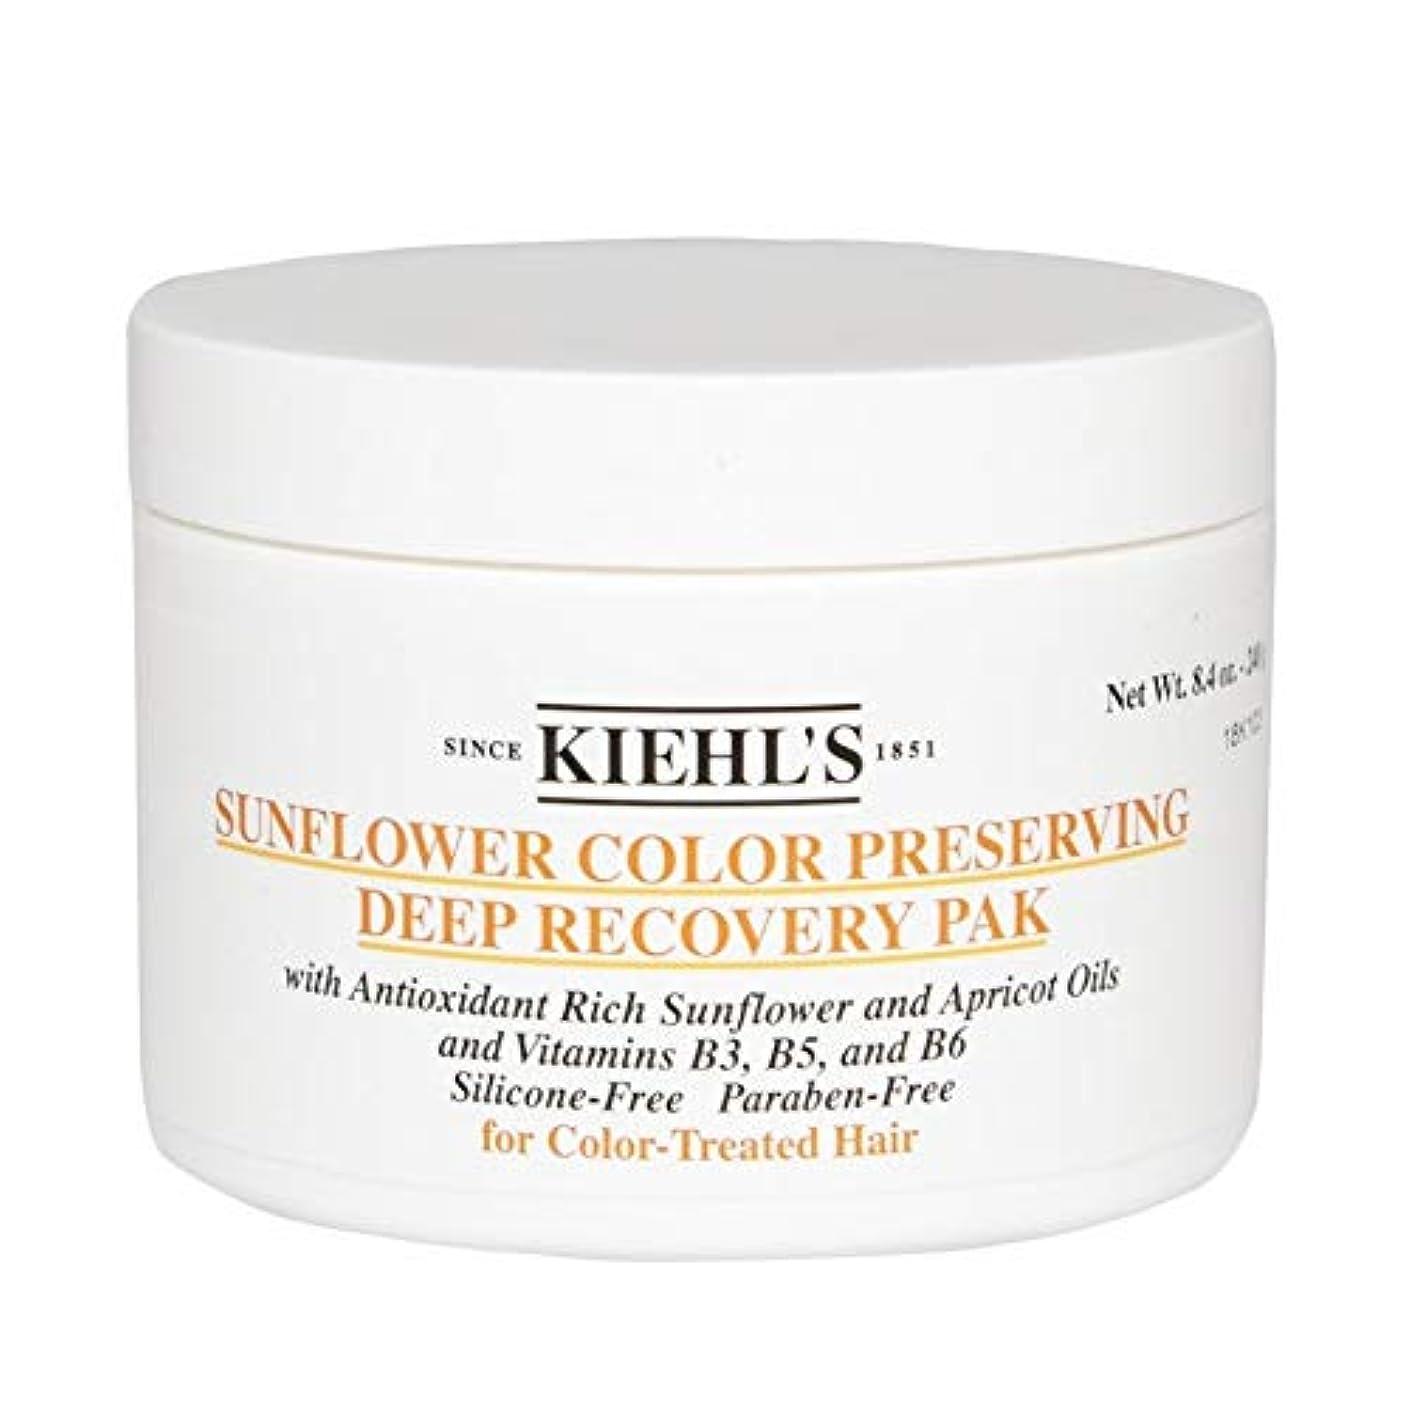 キリスト汚染肺[Kiehl's ] キールズひまわり色保存深い回復Pak 250グラム - Kiehl's Sunflower Colour Preserving Deep Recovery Pak 250g [並行輸入品]